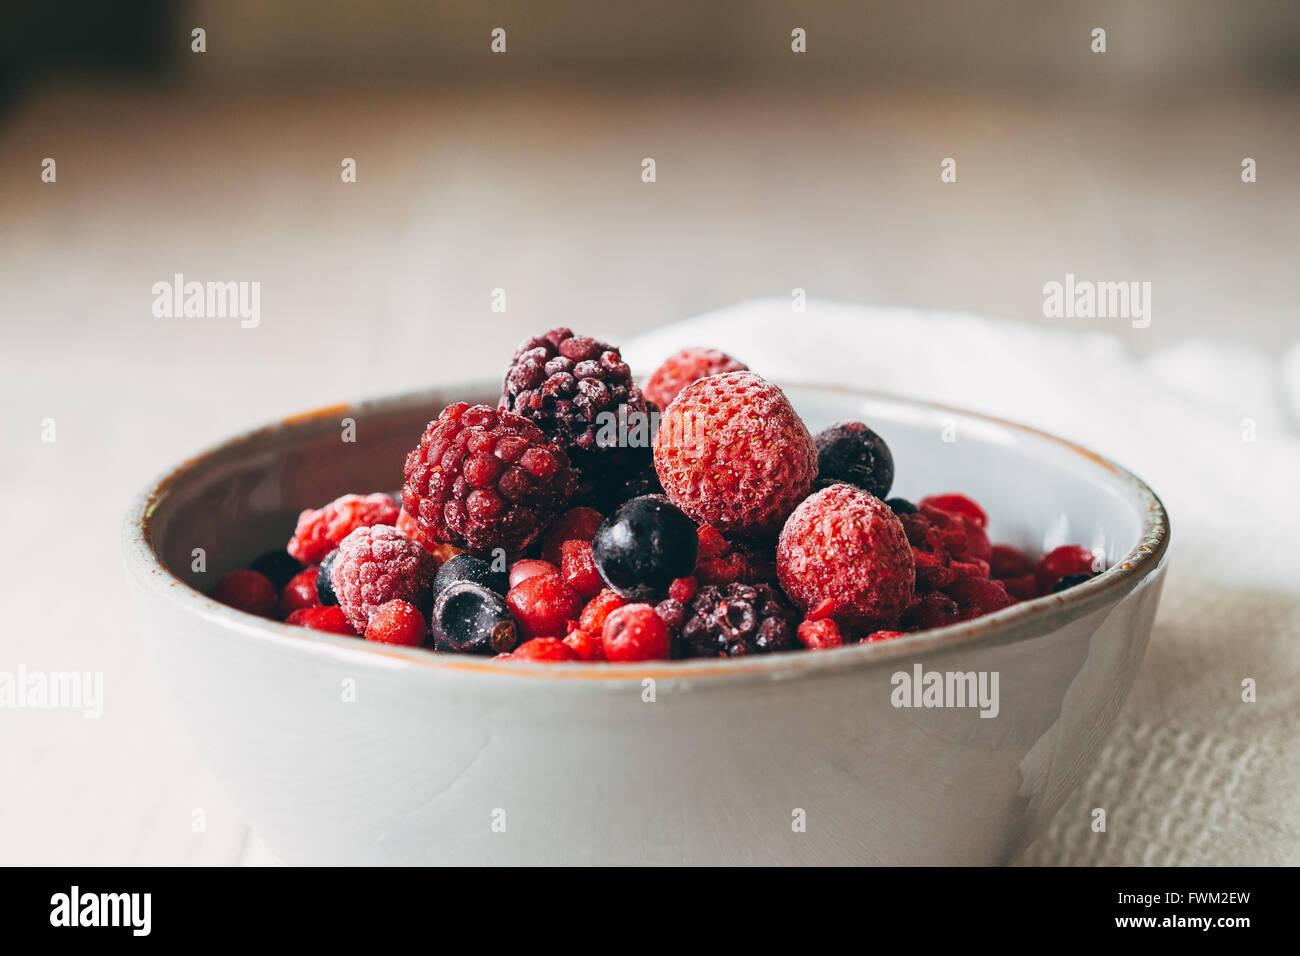 Nahaufnahme von Beeren In Schüssel auf Tisch Stockbild